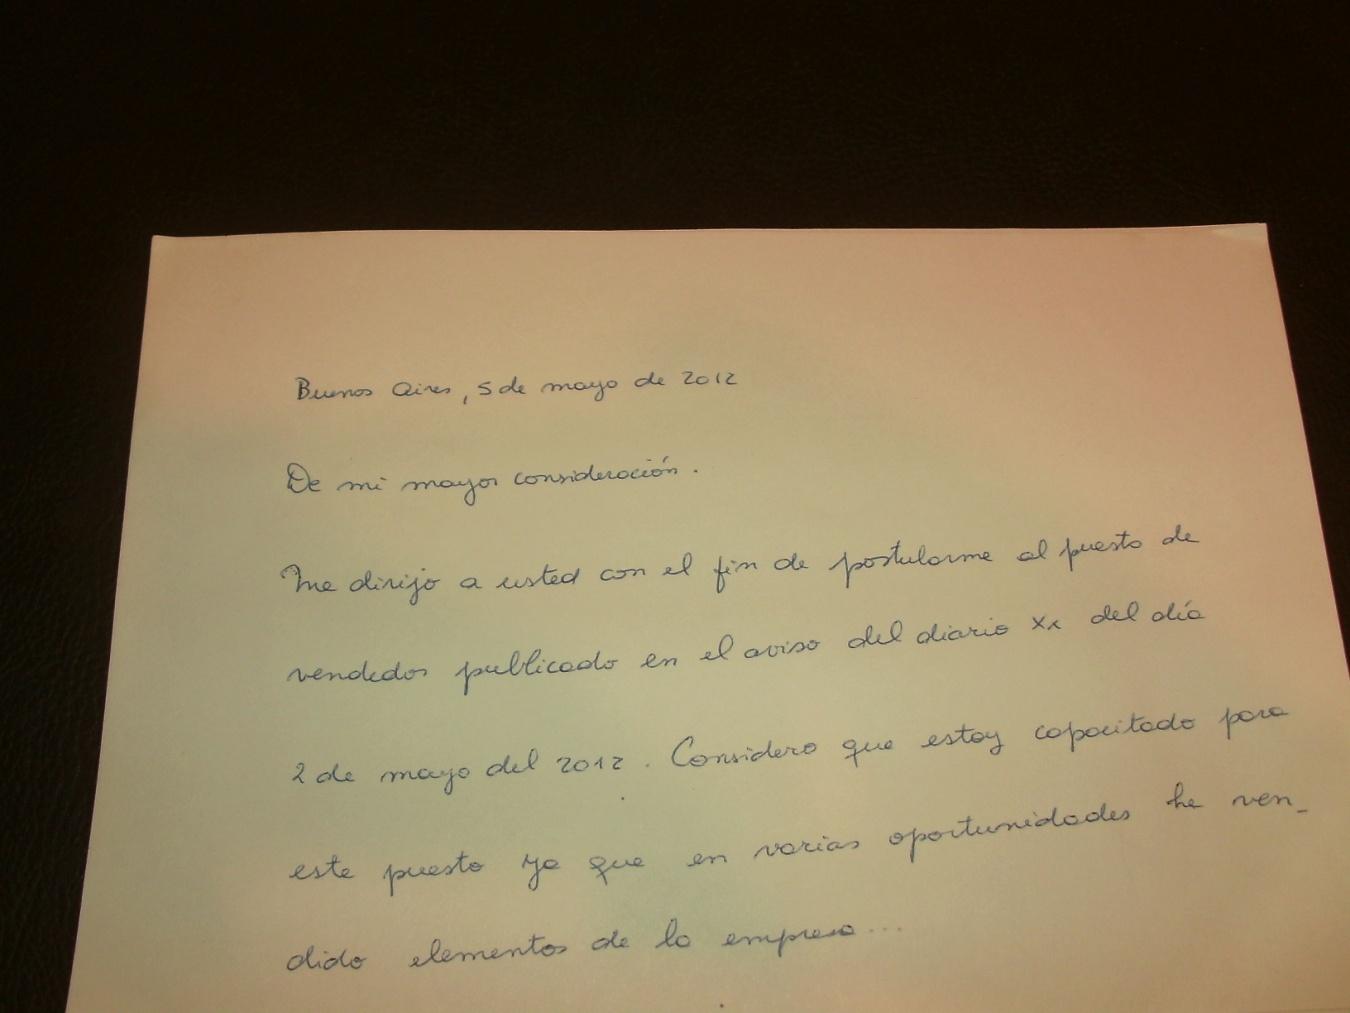 Encontrar empleo YA!!: Un CV manuscrito... ¿llama la atención?